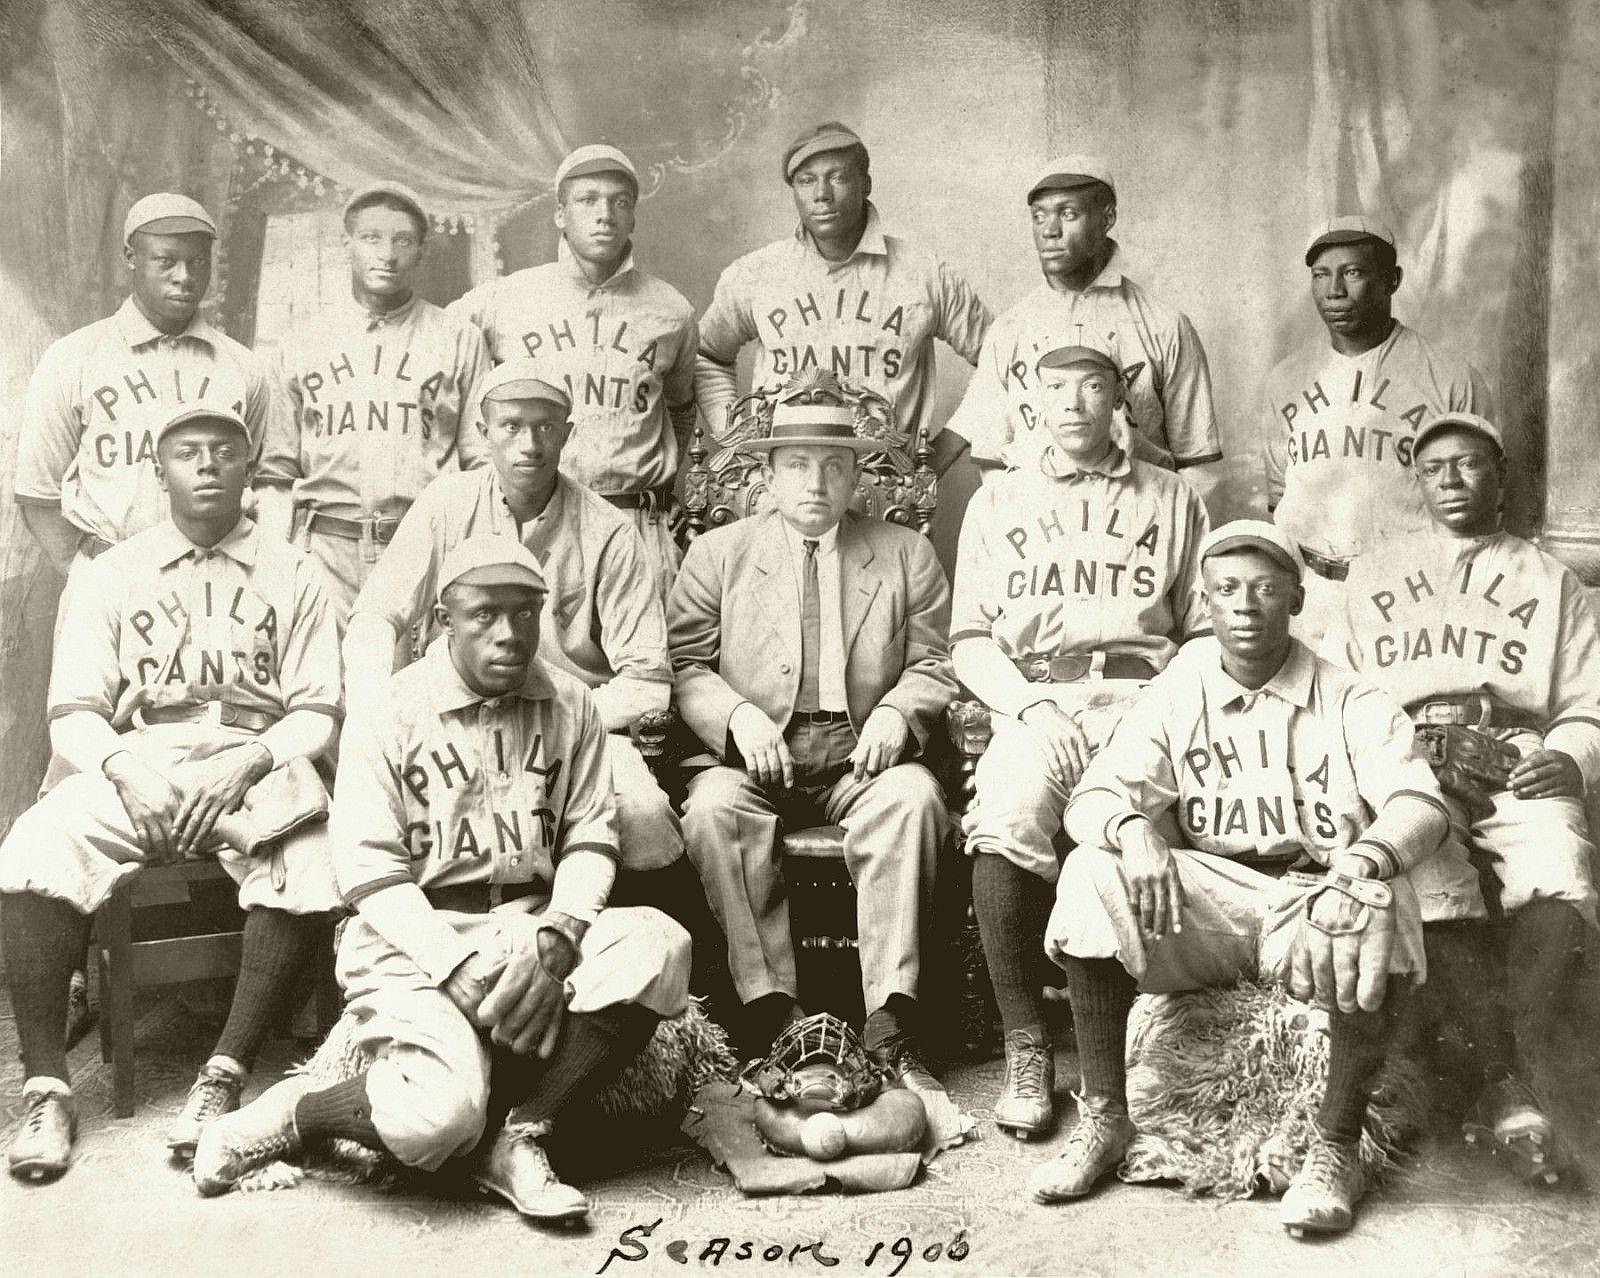 Philadelphia Giants, 1906 Negro League Champions